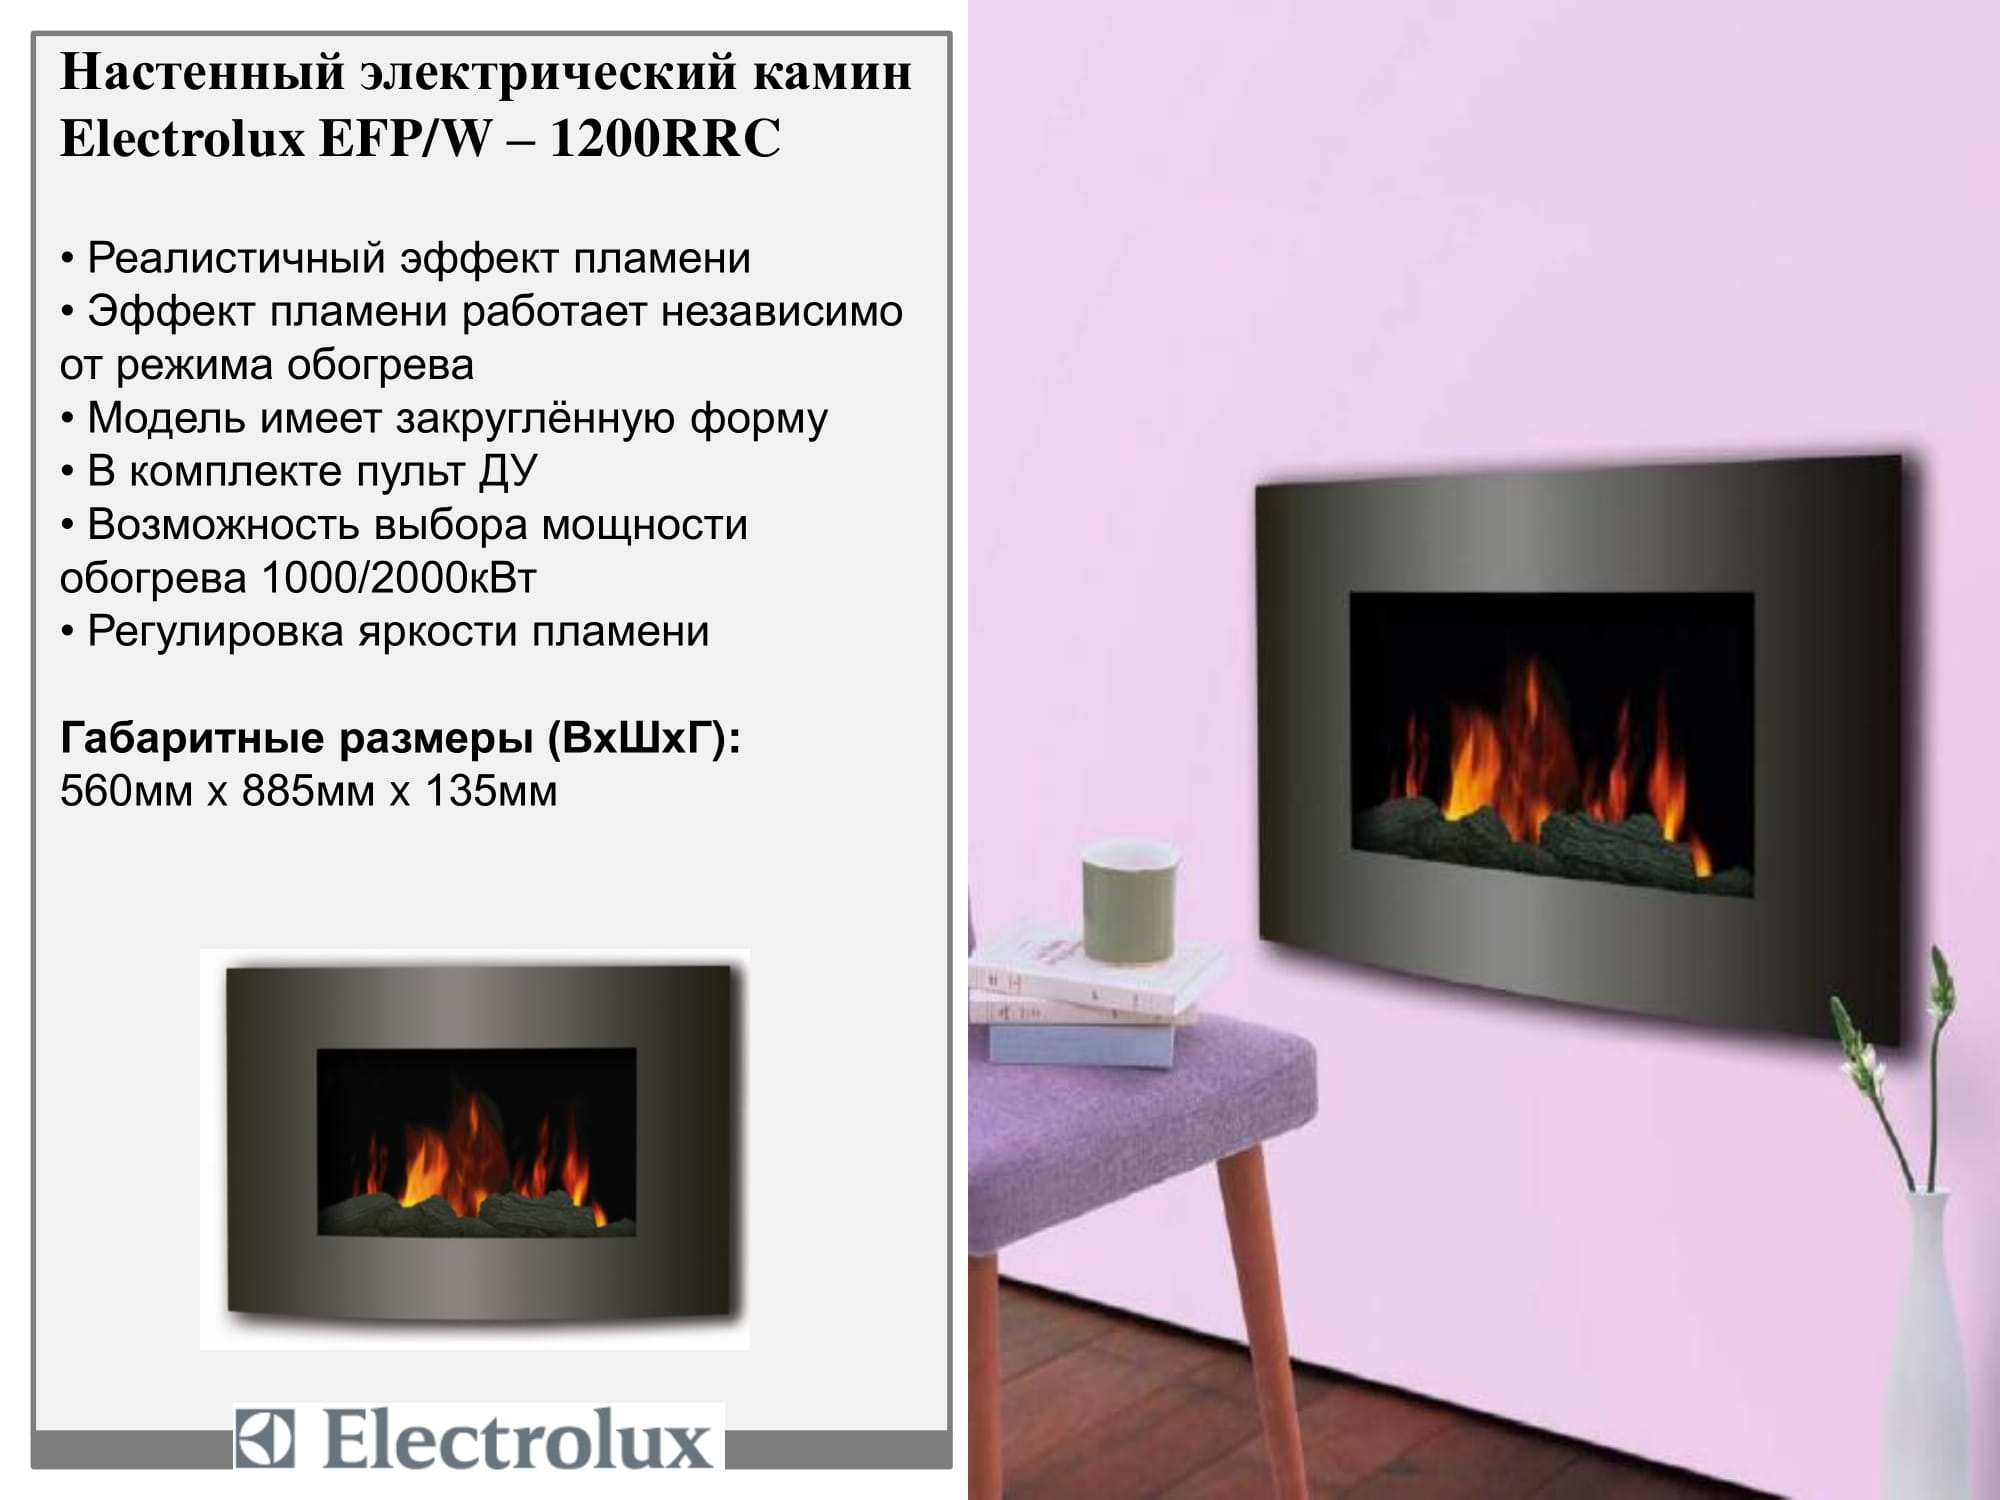 Electrolux EFP/W-1200RRC